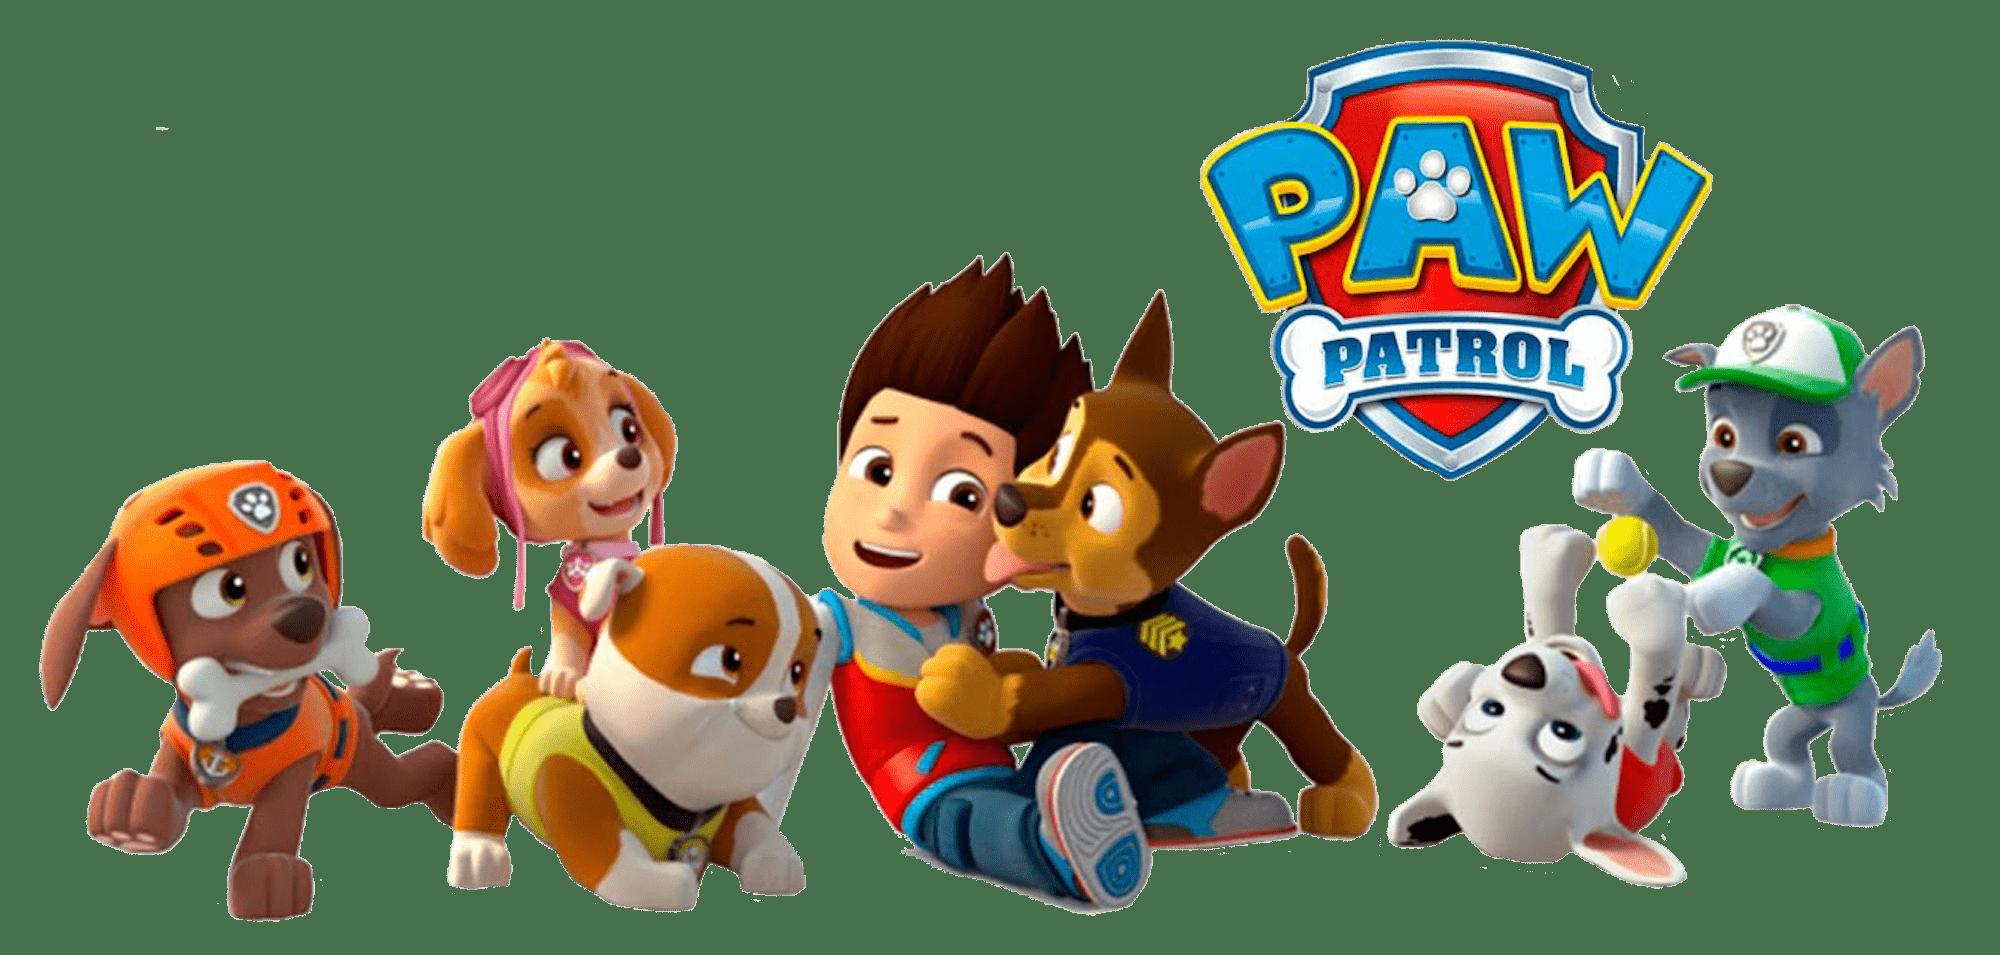 Paw Patrol Ryder PNG - 79330